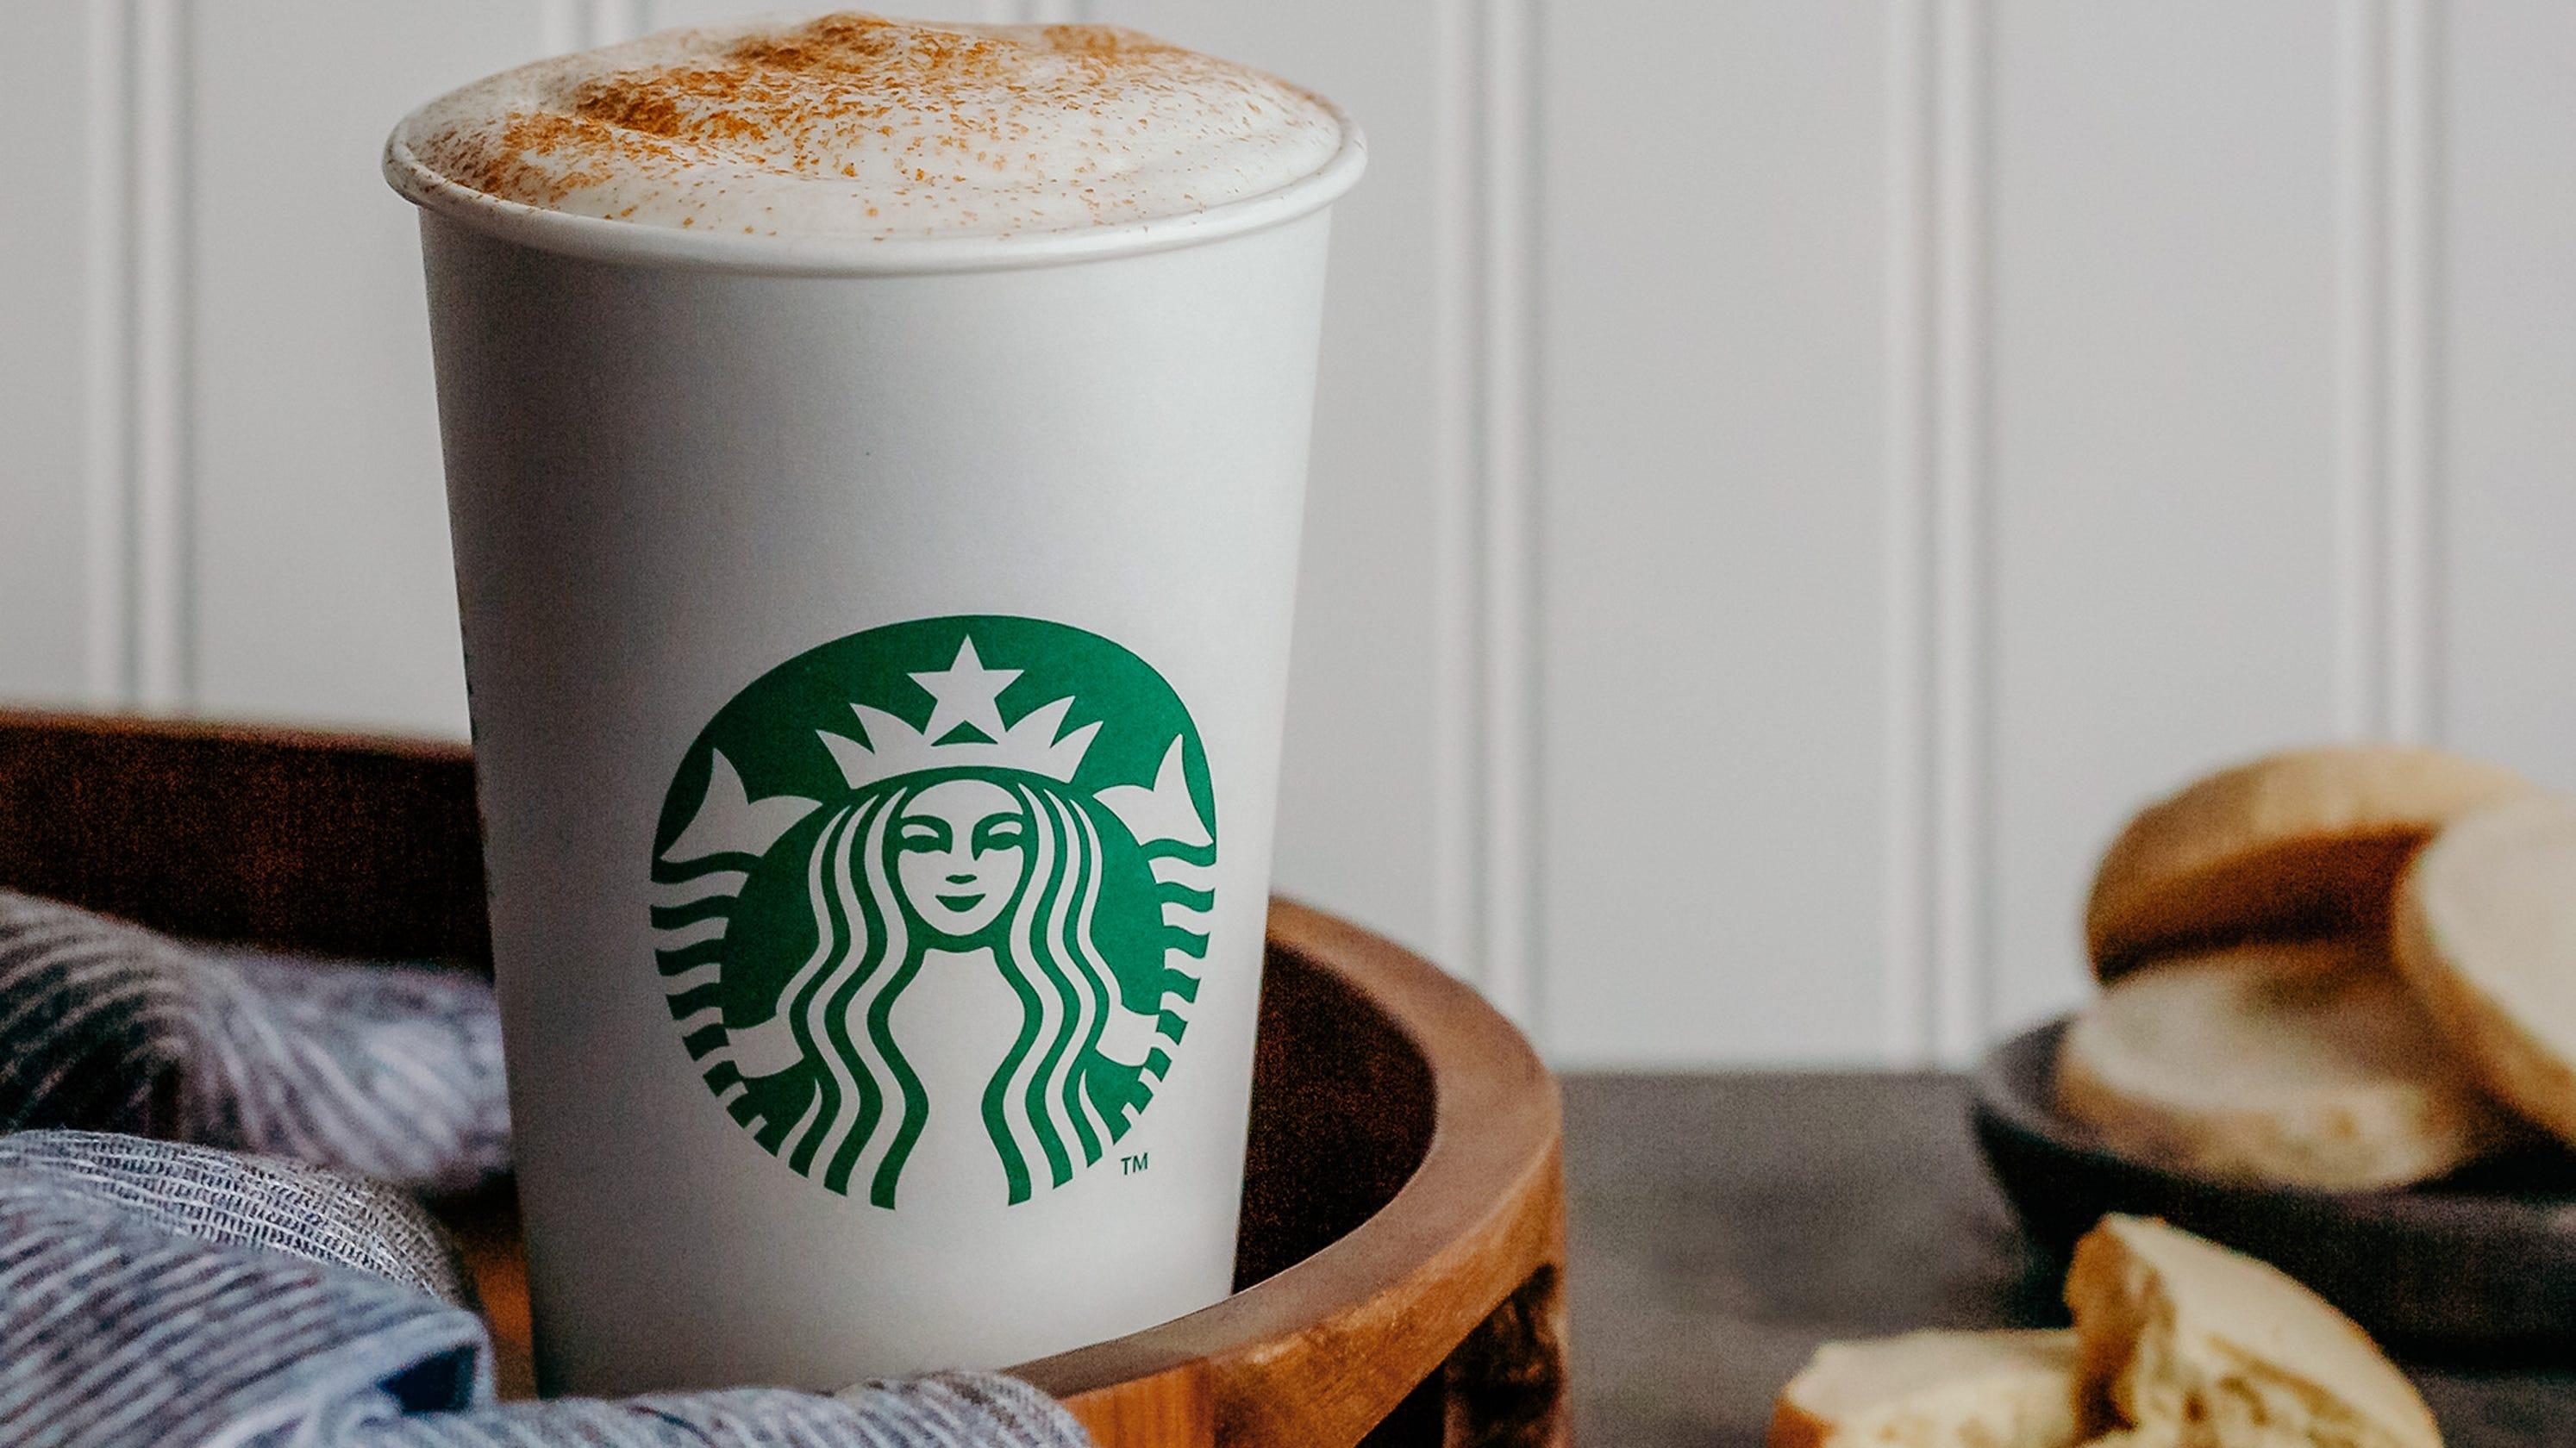 Get your hands on Starbucks' Cinnamon Shortbread Latte